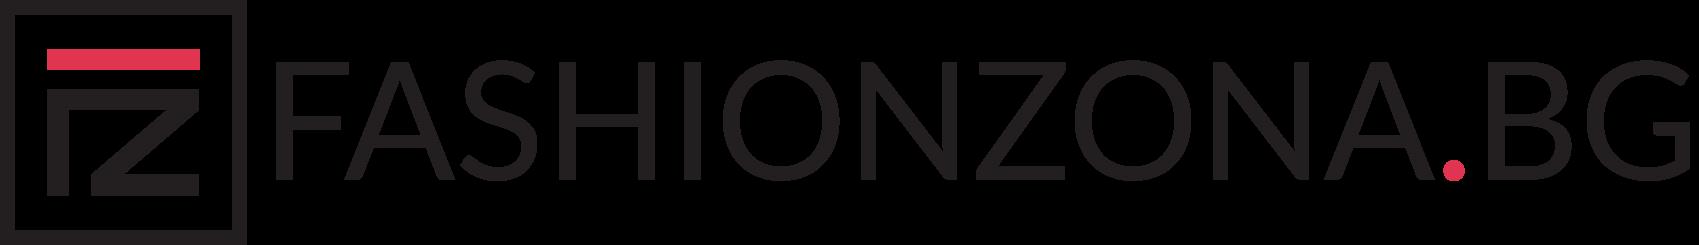 obuvki-tendenz-logo-1509536289